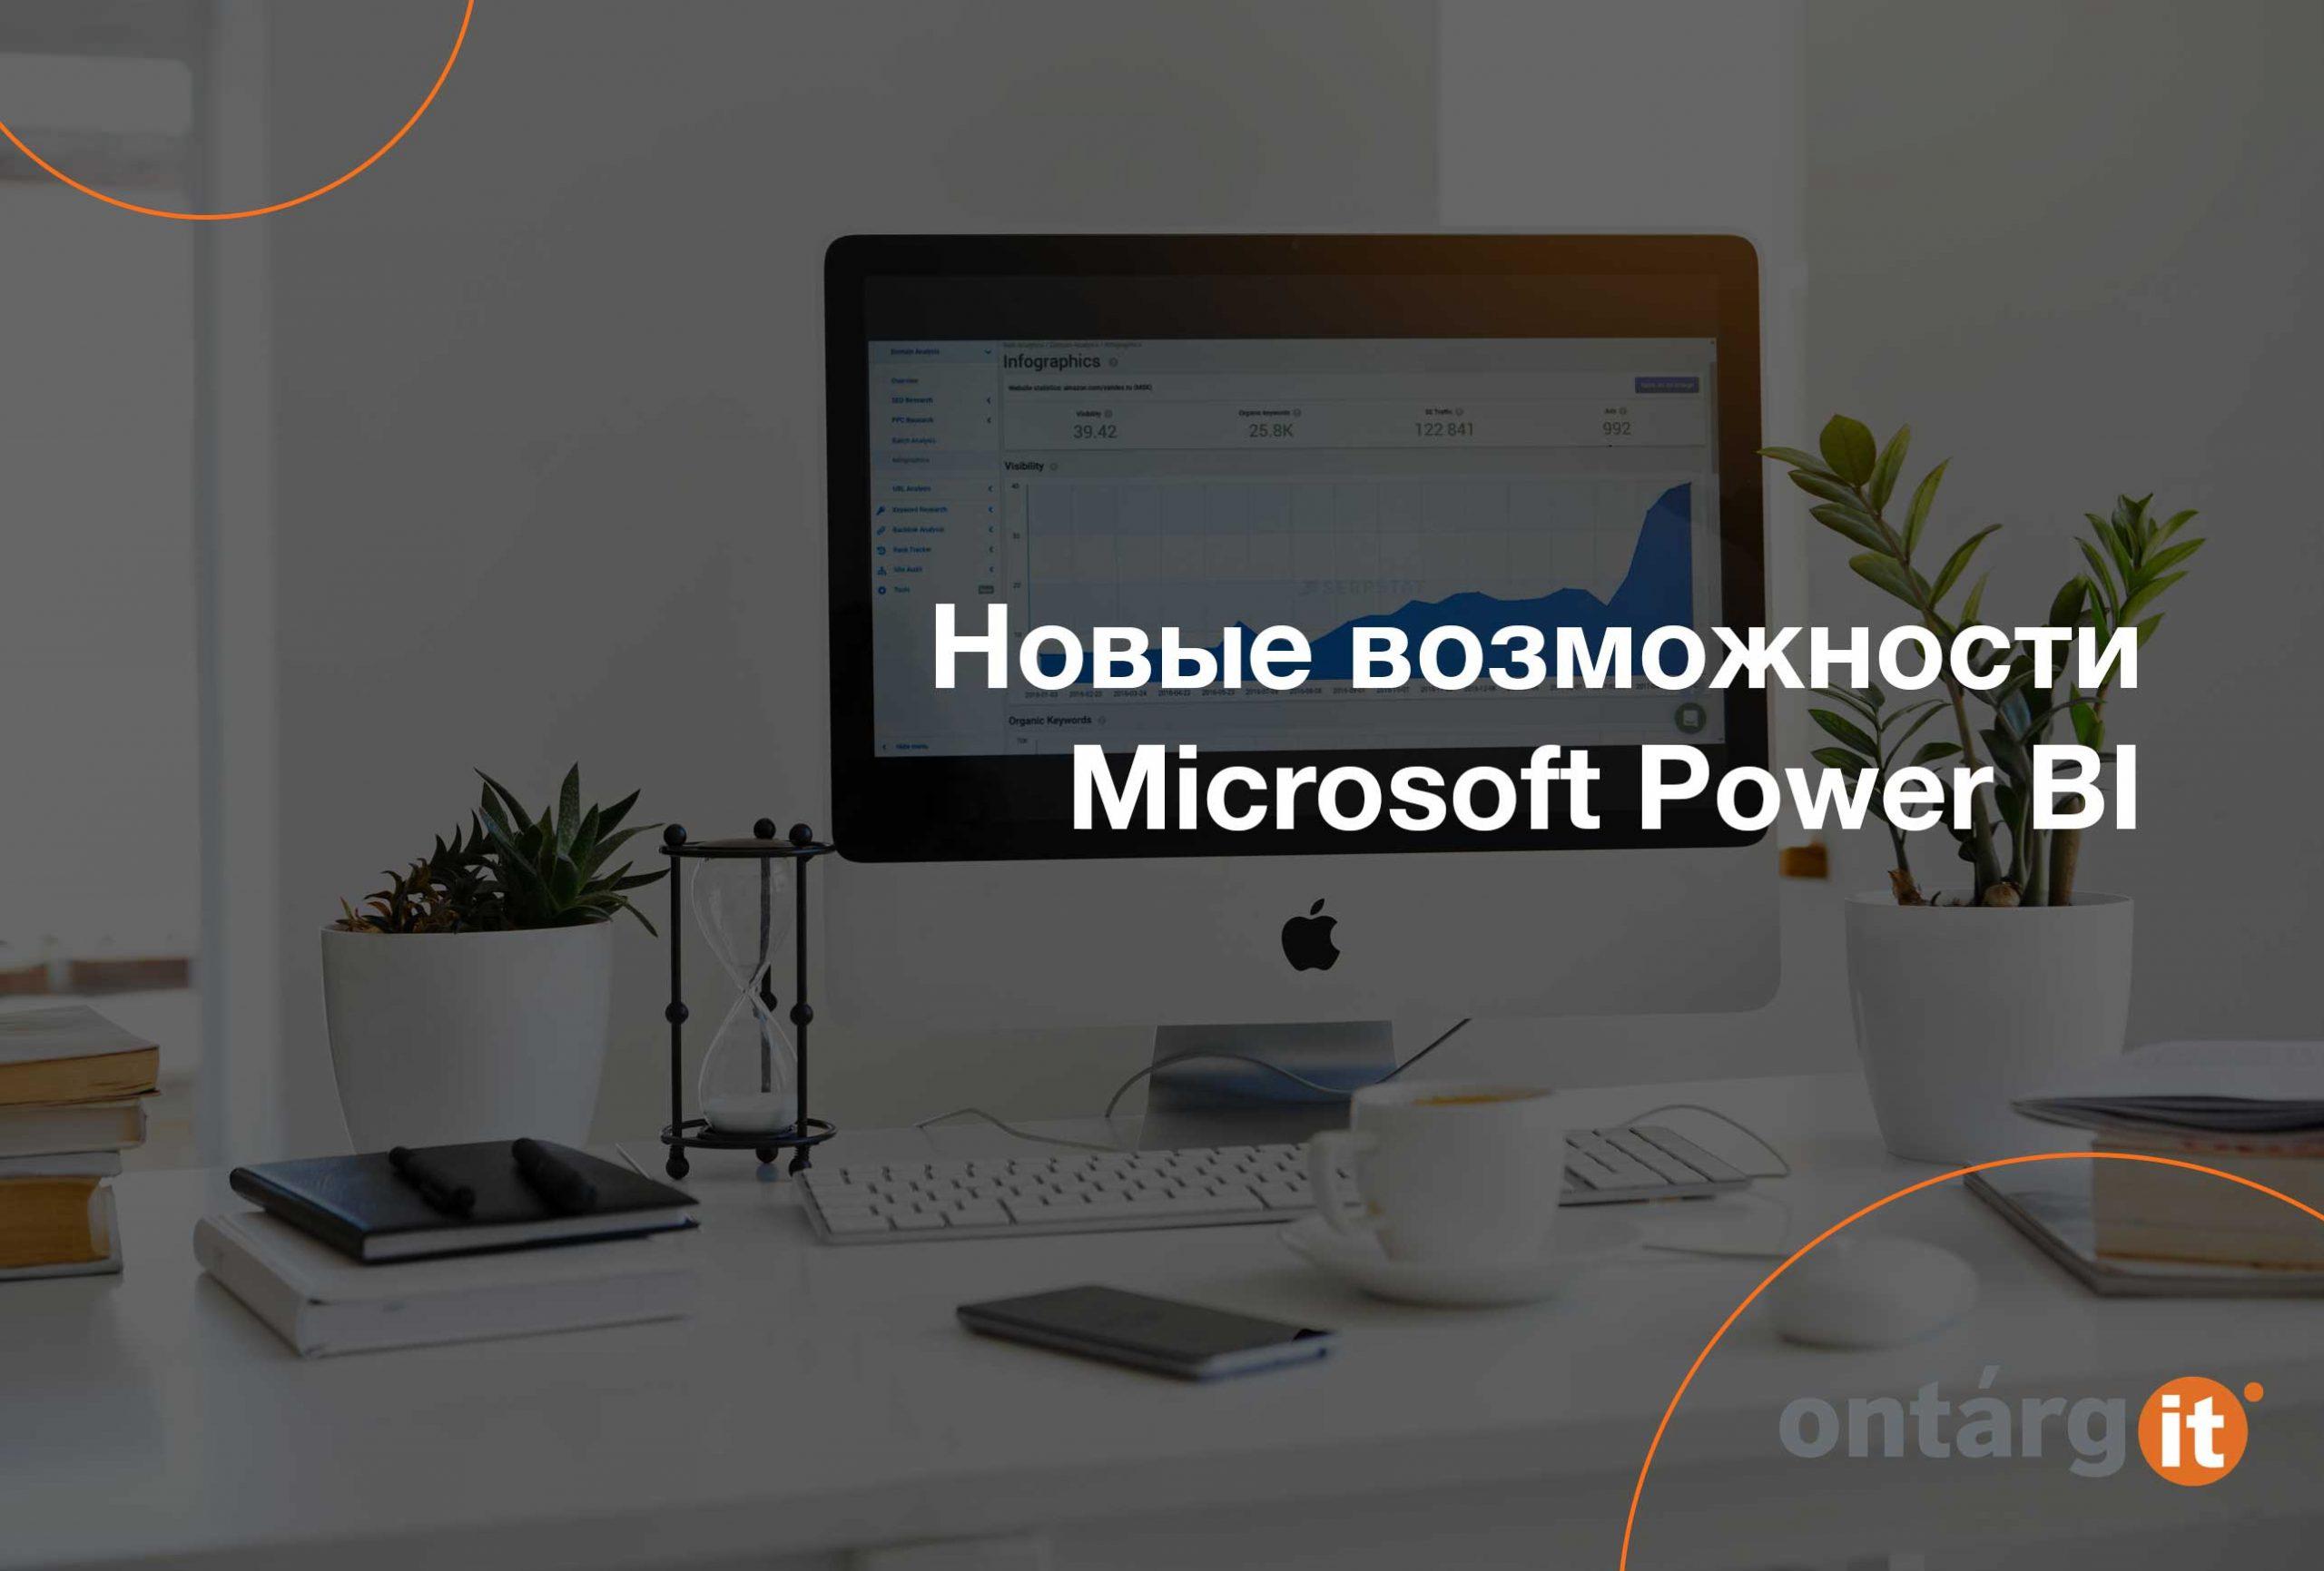 Новые-возможности-Microsoft-Power-BI